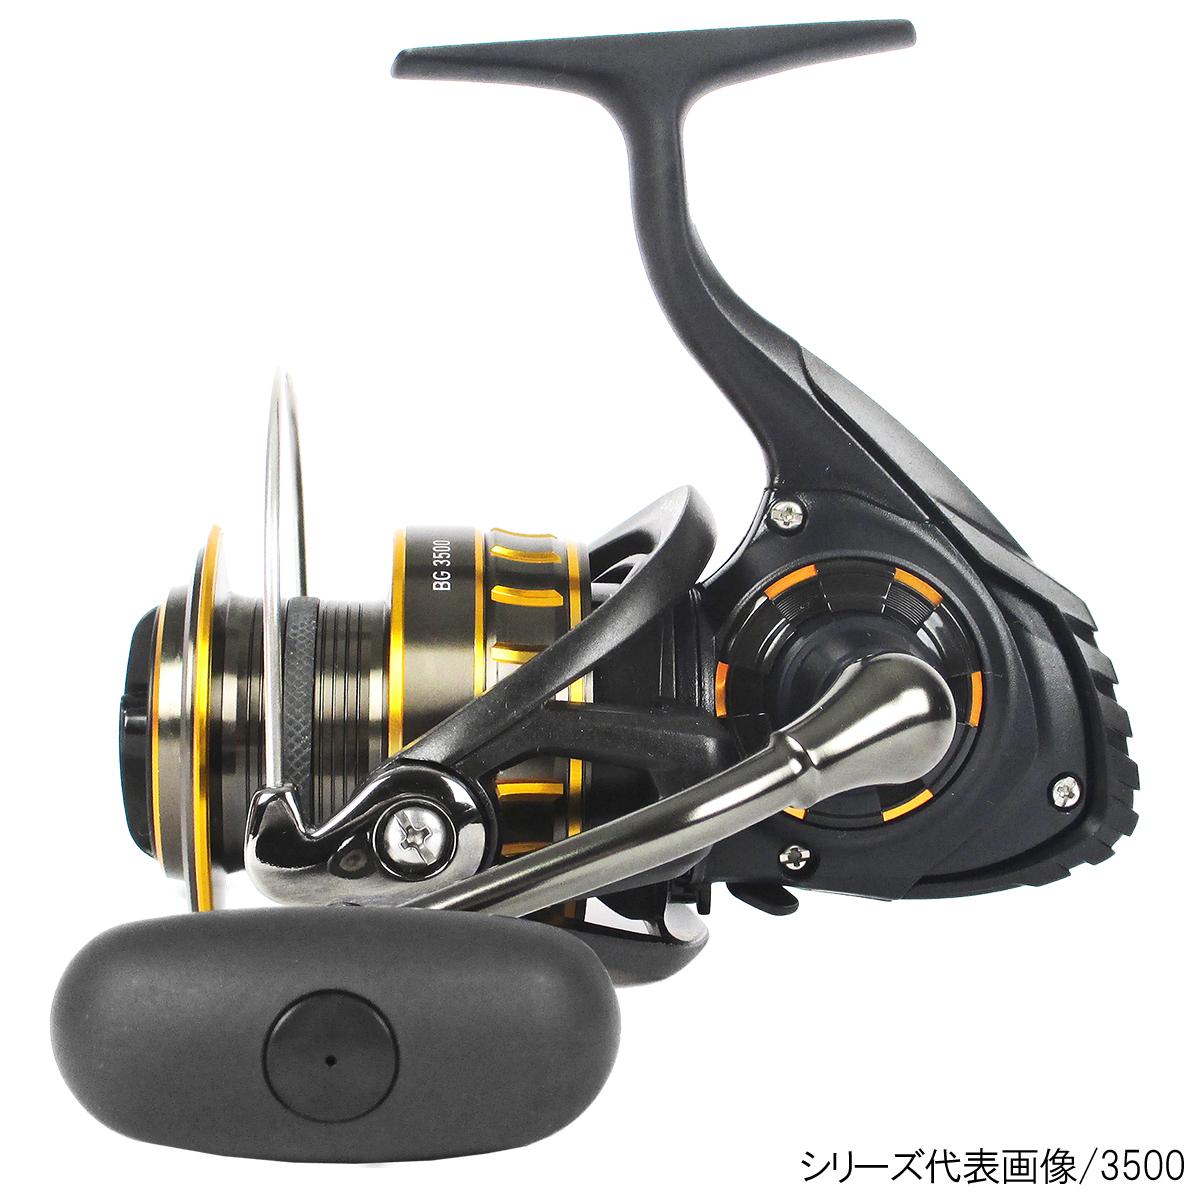 ダイワ BG 3500H(東日本店)